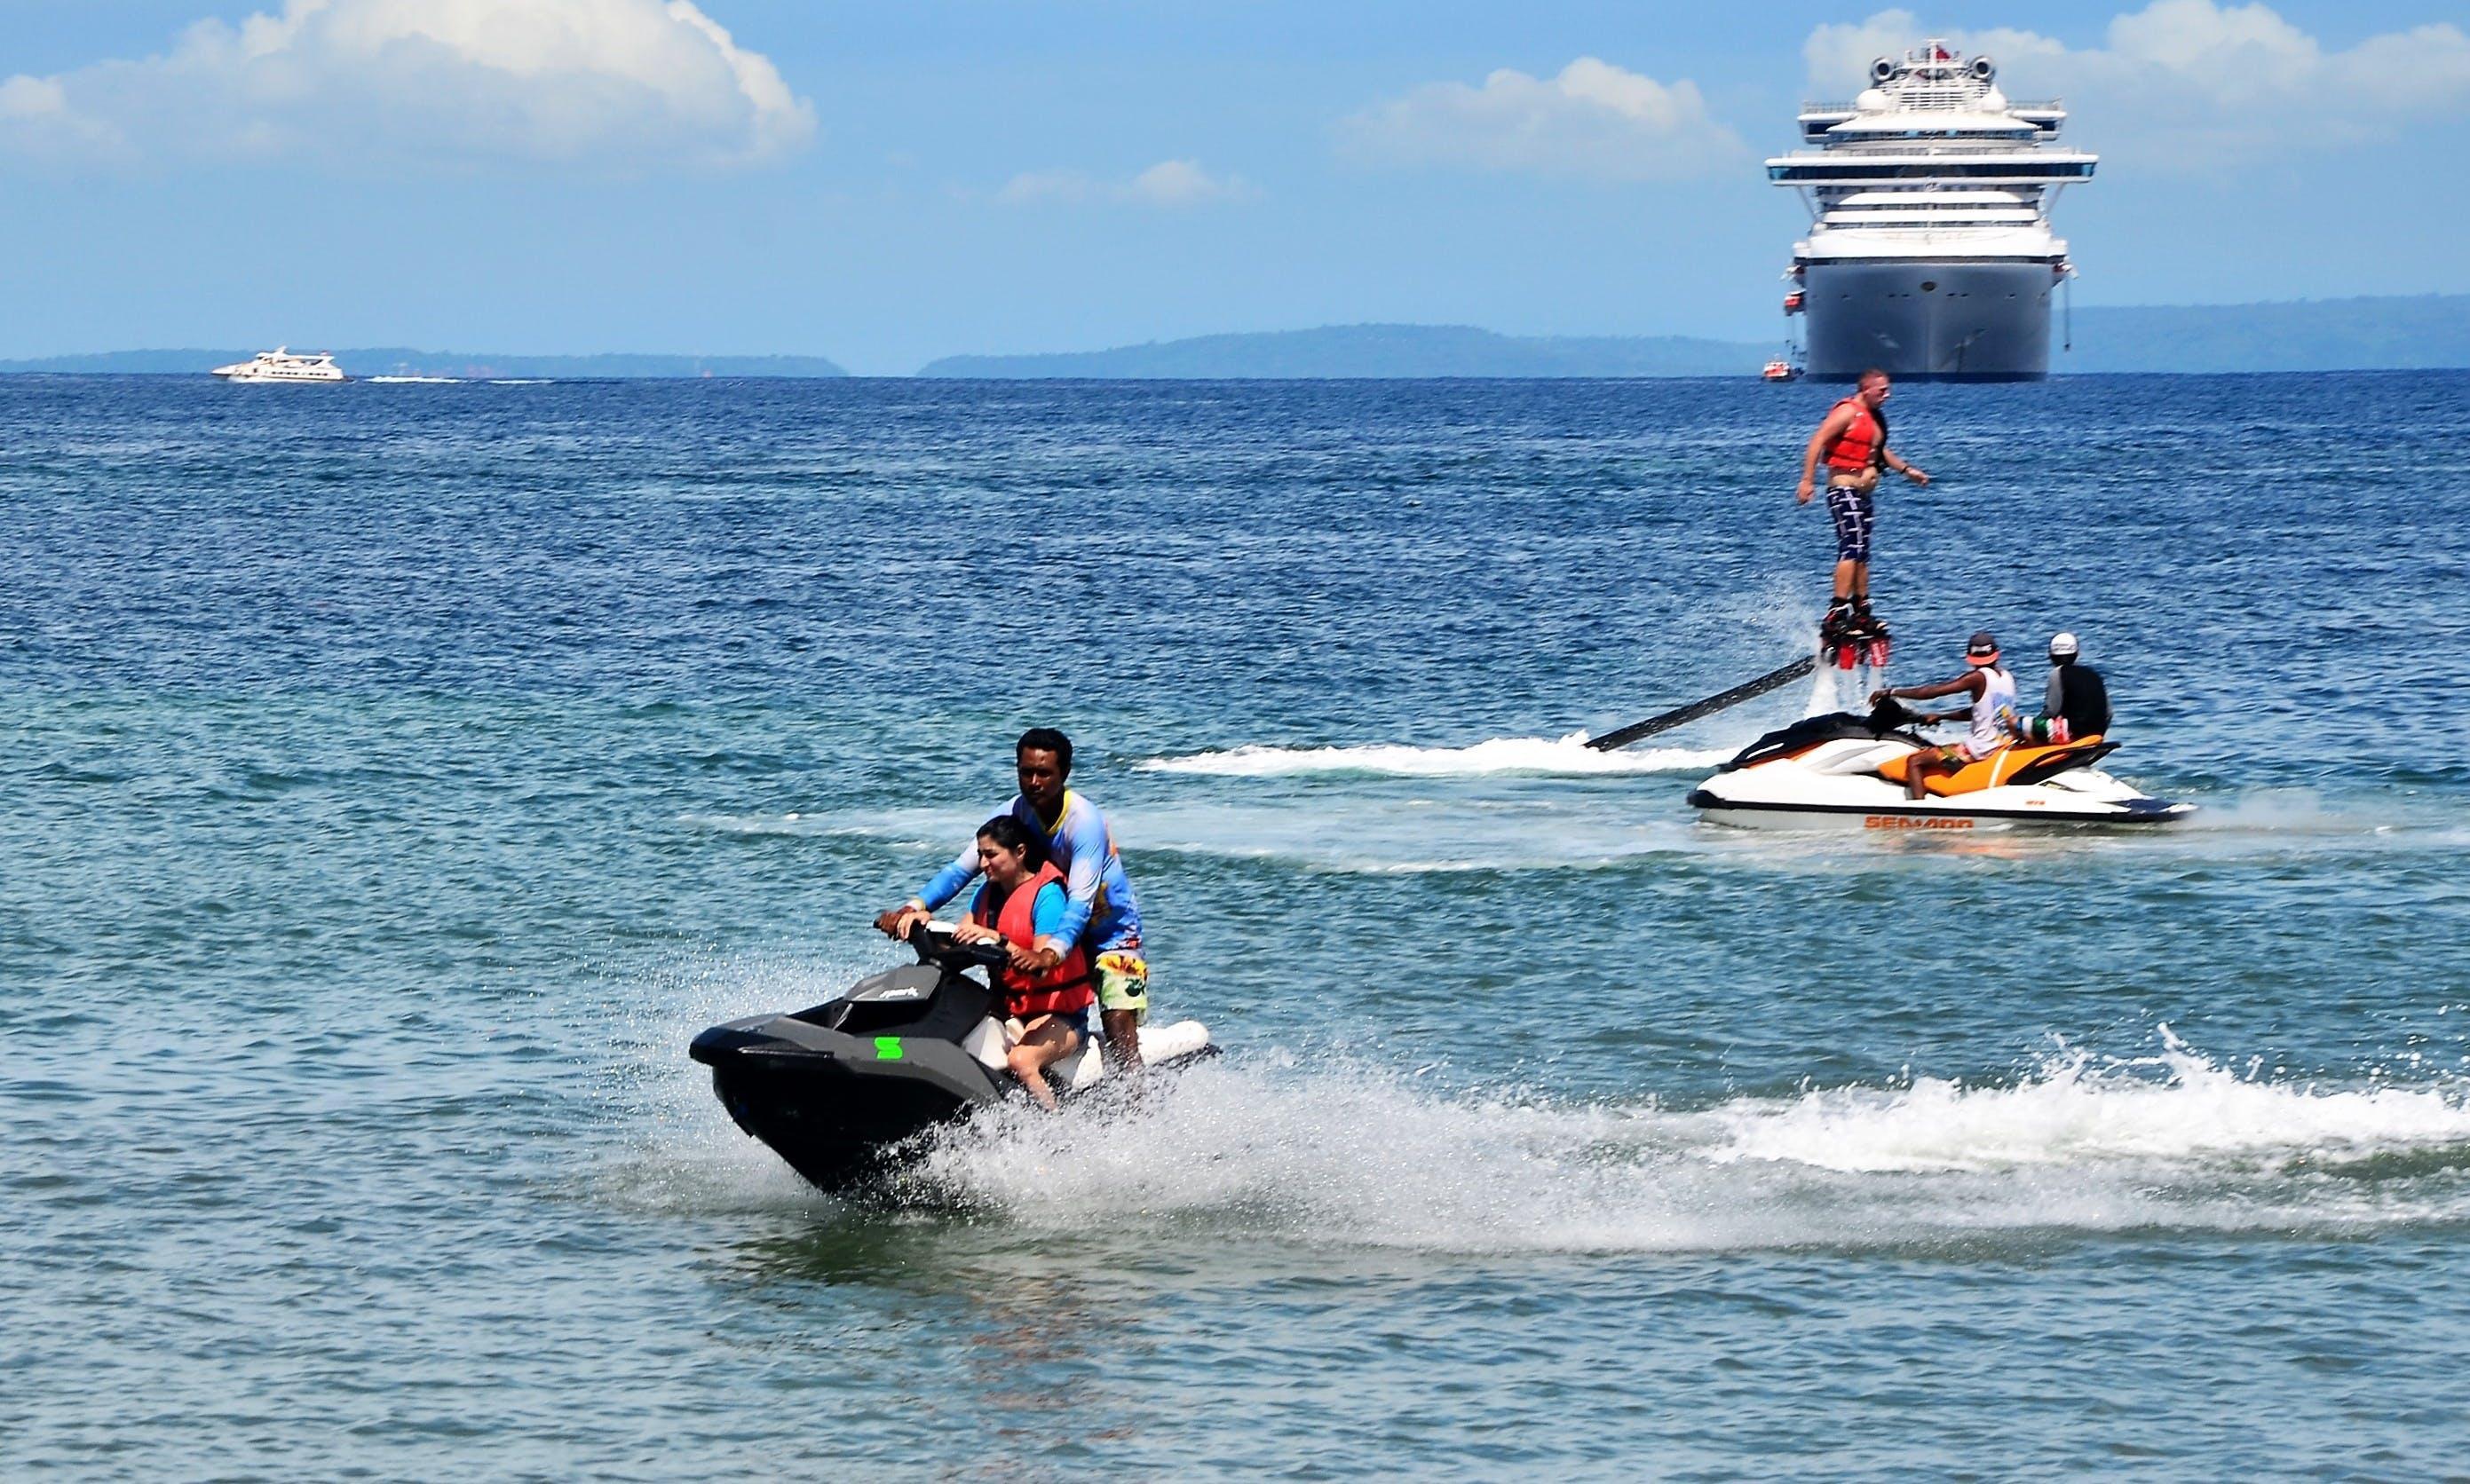 Rent 2-Seater Yamaha Waverunner at Tanjung Benoa Beach, Indonesia